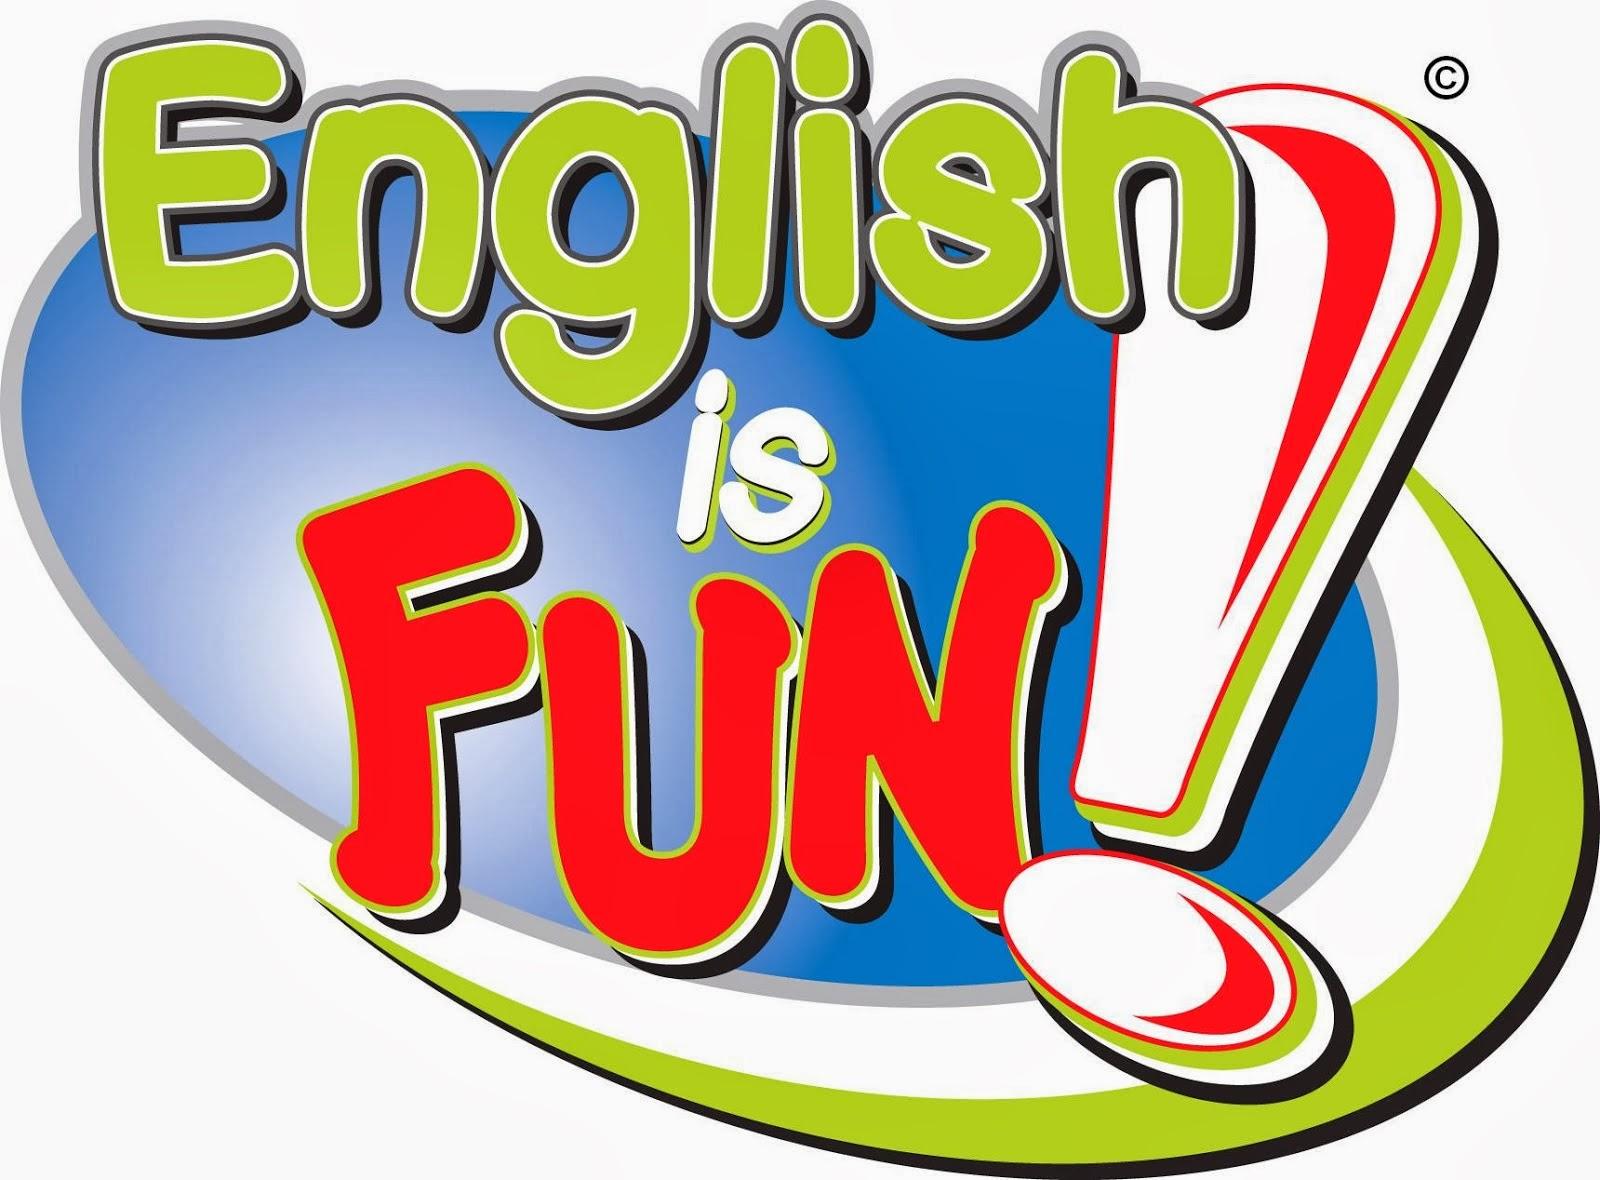 Contoh Proposal Ptk Bahasa Inggris Smp Kiat Kiat Belajar Bahasa Inggris Contoh Surat Komplain 1600 X 1180 Jpeg 234kb Rpp Bahasa Inggris Belajar Jadi Guru Page 6